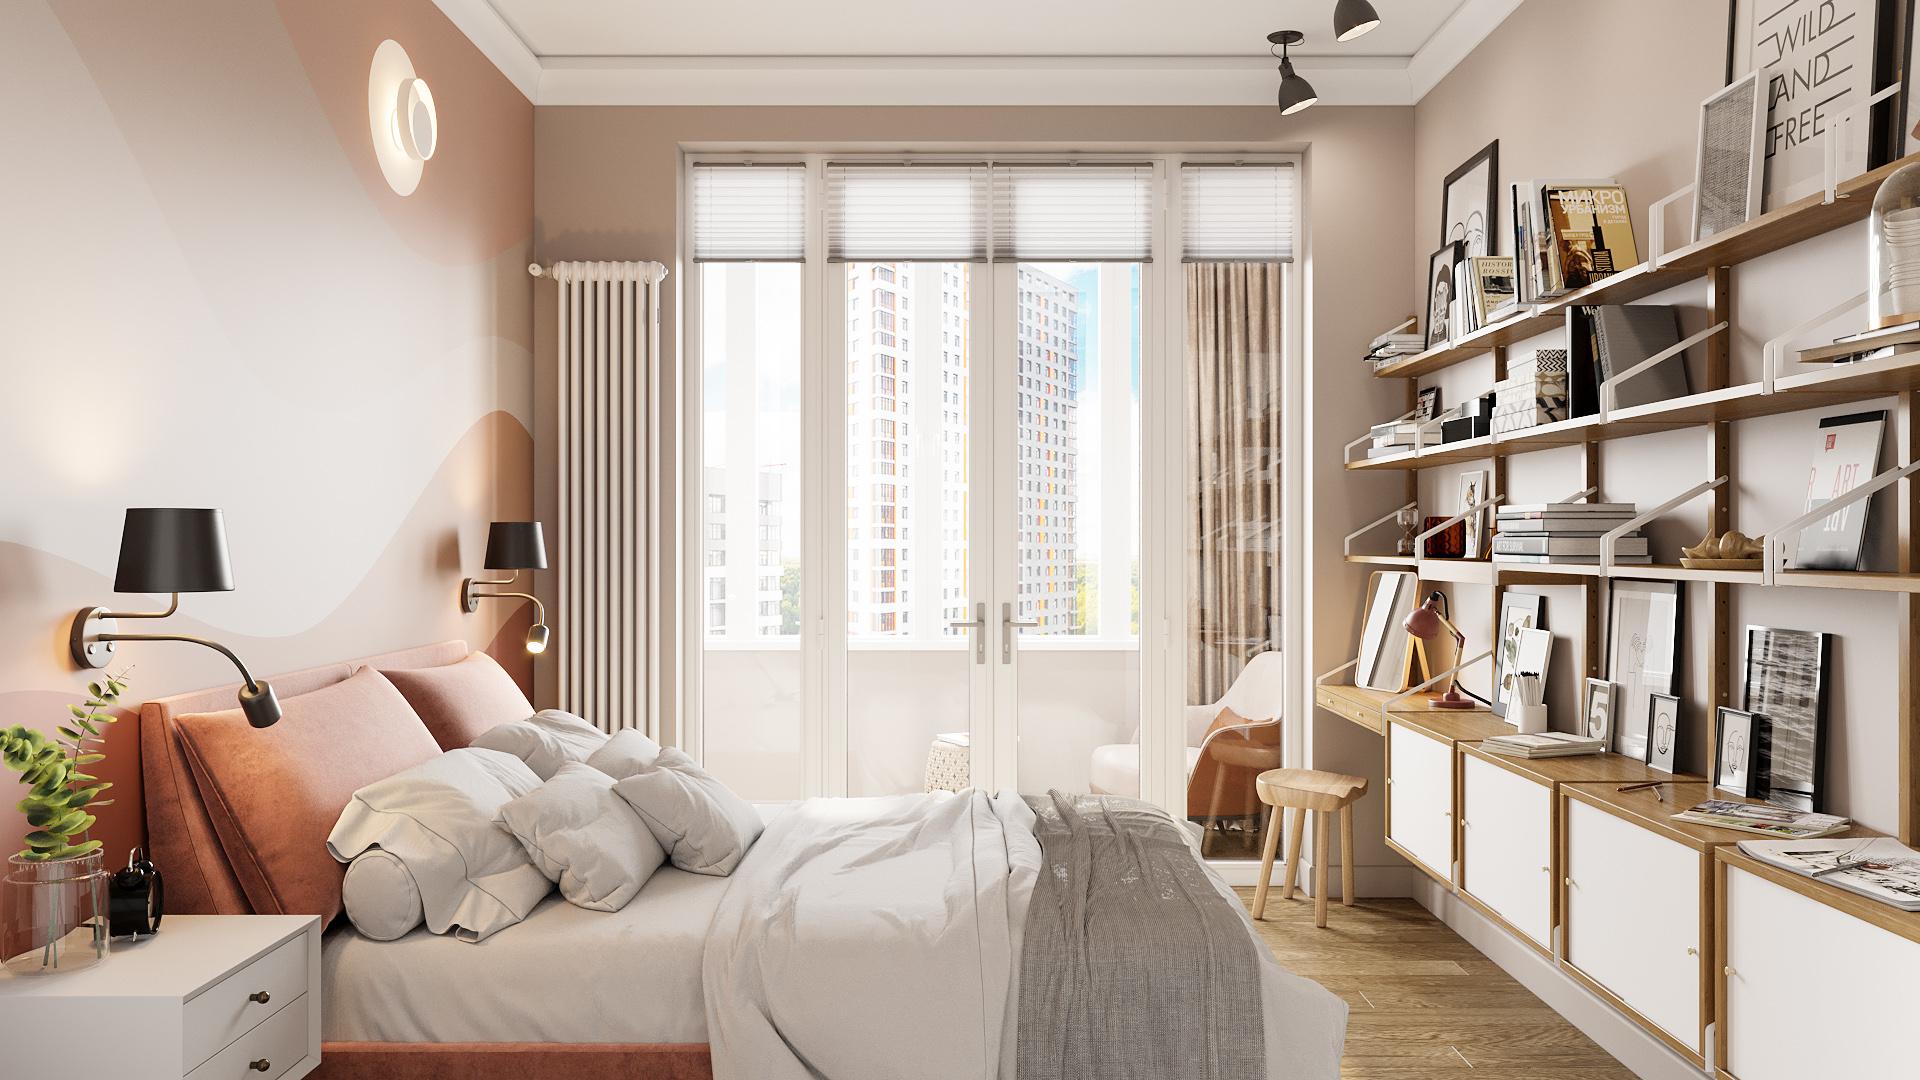 фото:Спальная комната получилась просторной за счет того, что при входе мы оригинальным способом разместили систему хранения и при этом, разгрузили по максимуму основную часть пространства, сделав его легким и просторным в восприятии